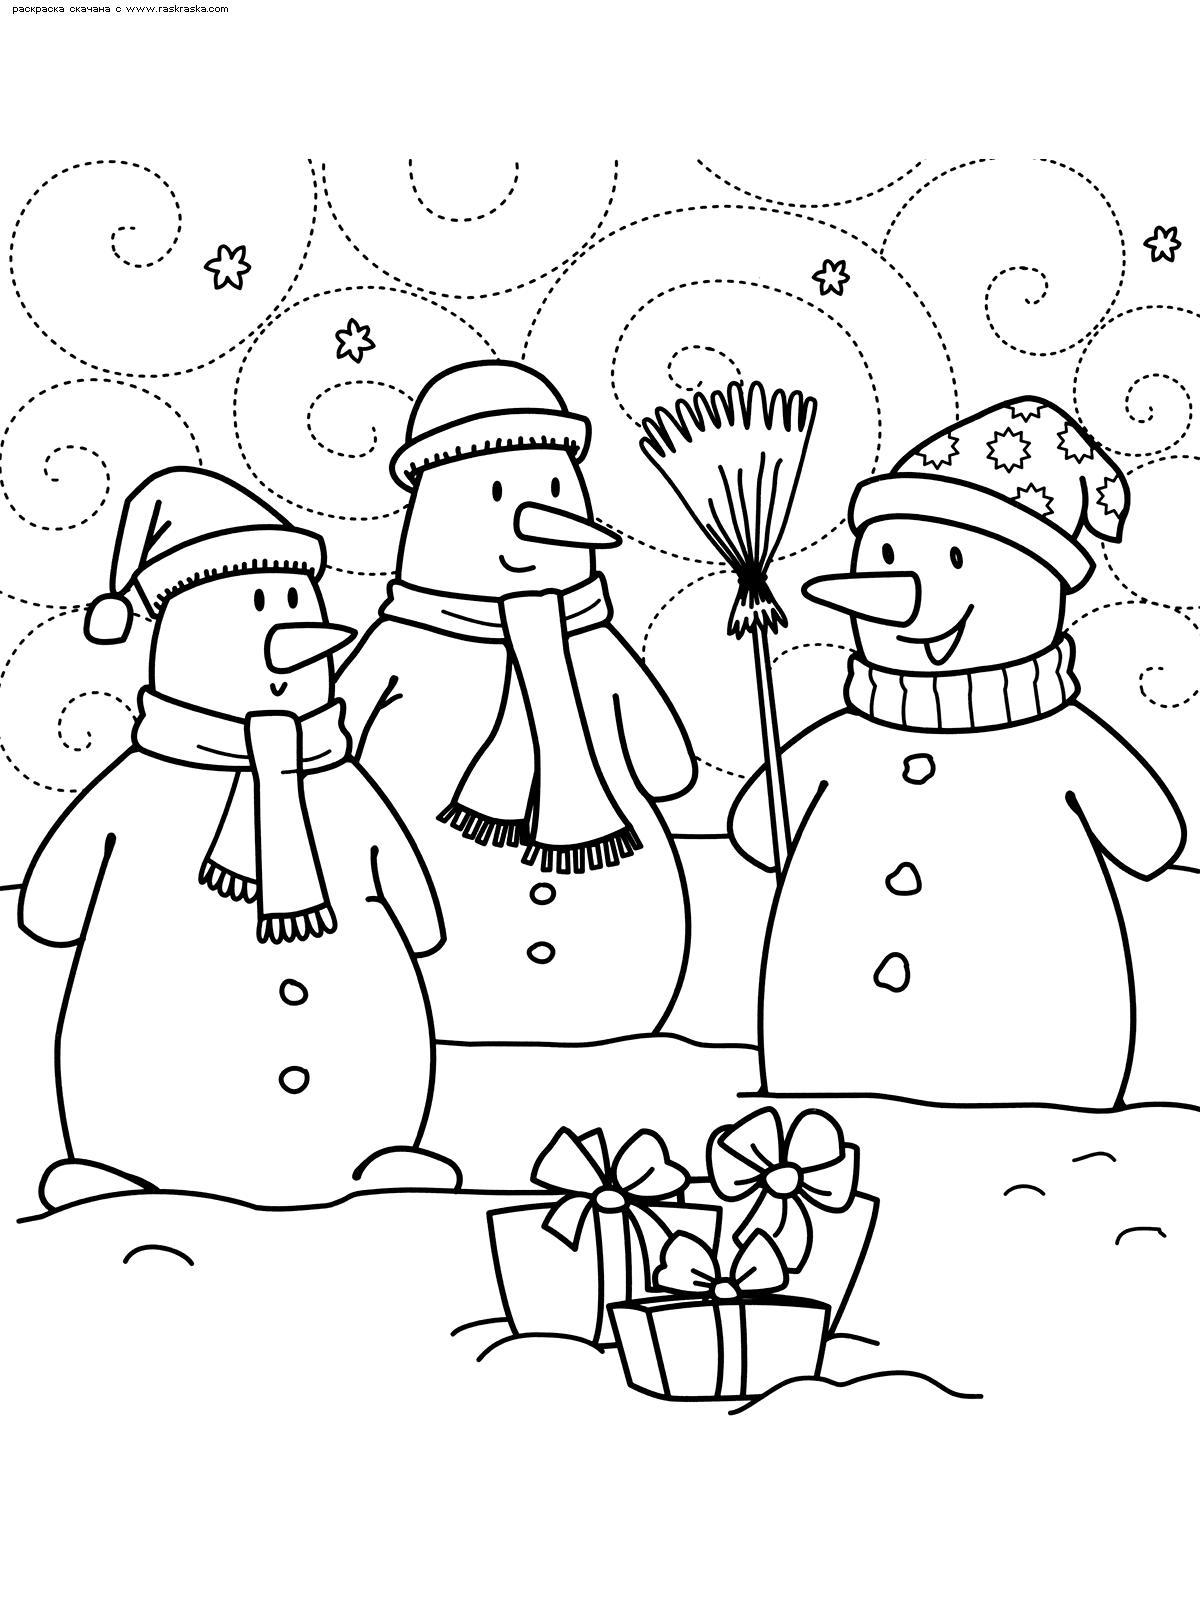 Раскраска Снеговики. Раскраска снеговик